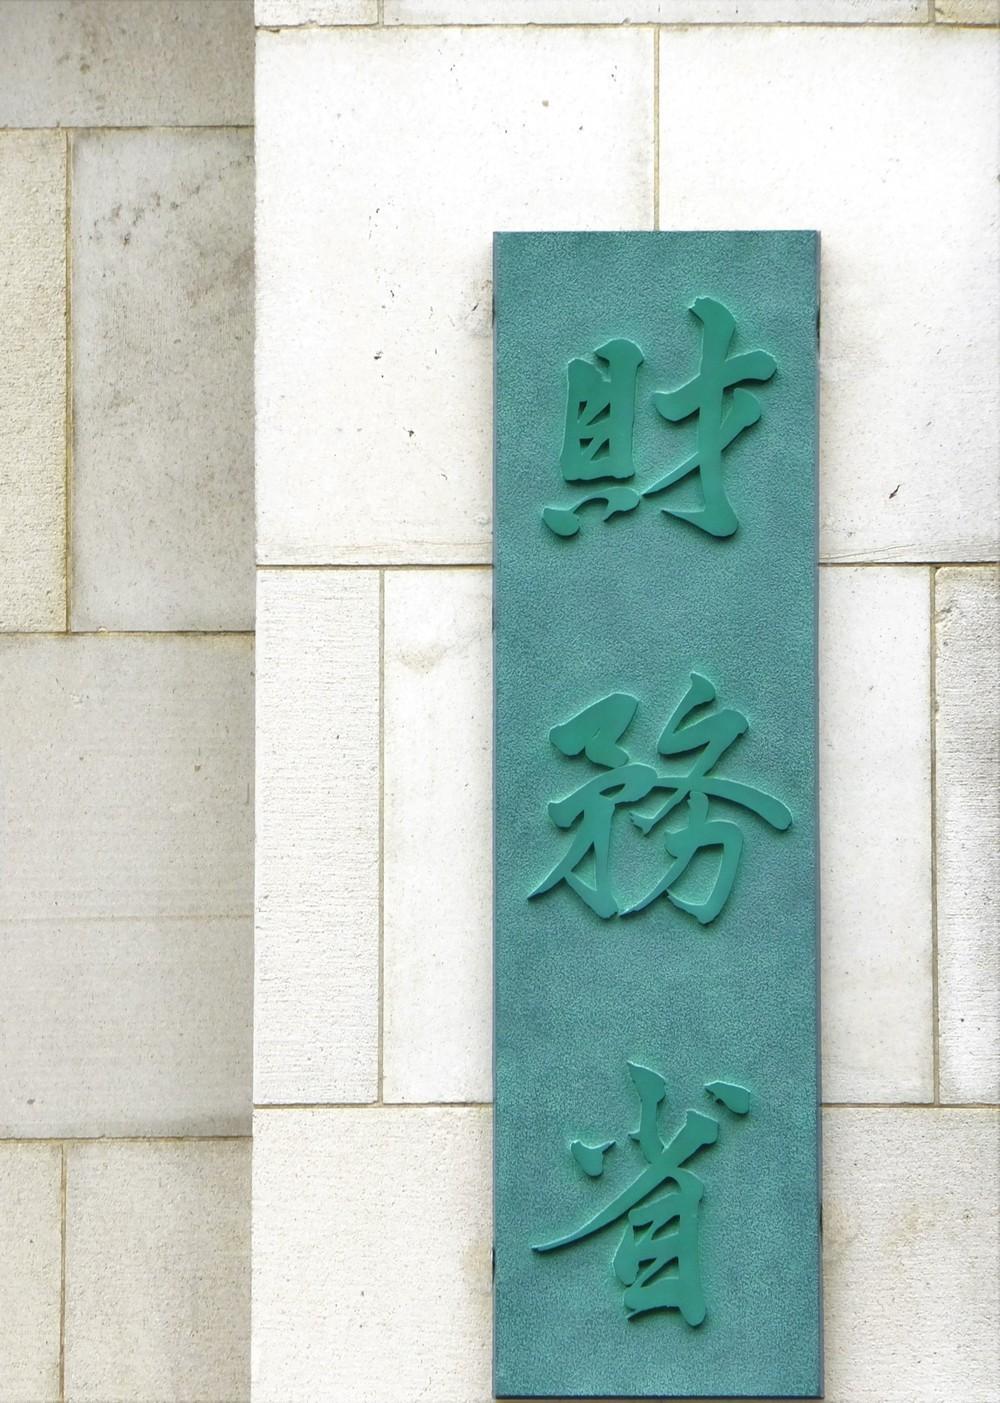 福田事務次官が辞任を発表(画像はイメージ)